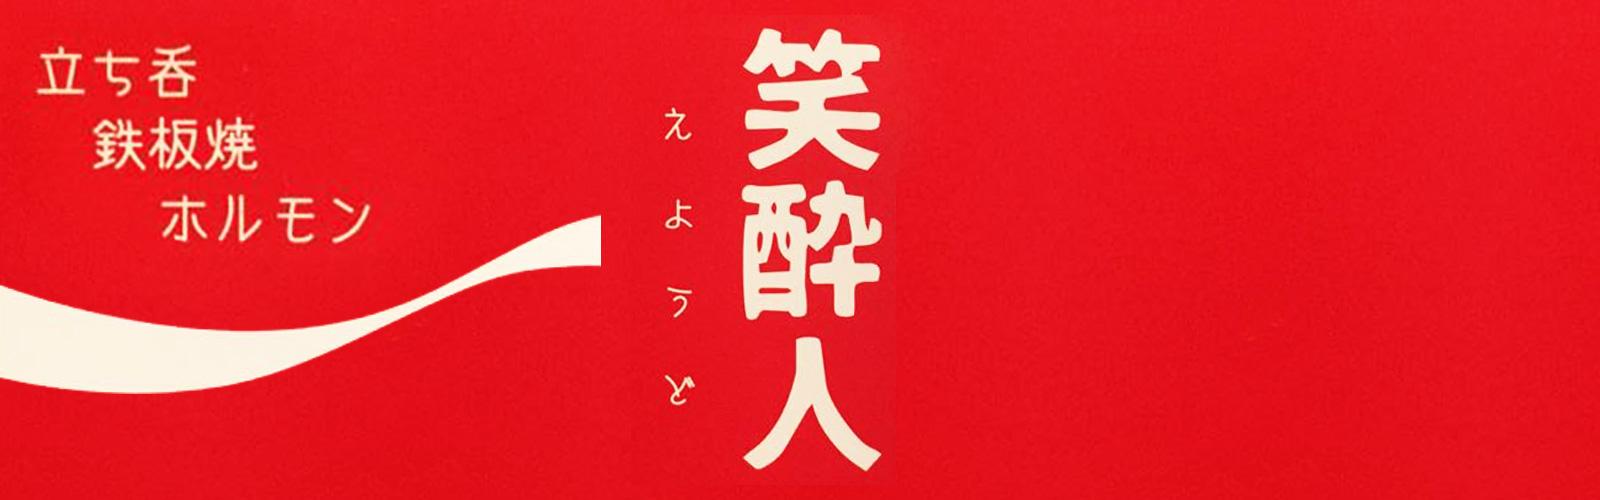 笑酔人|えようど(大阪・日本橋)